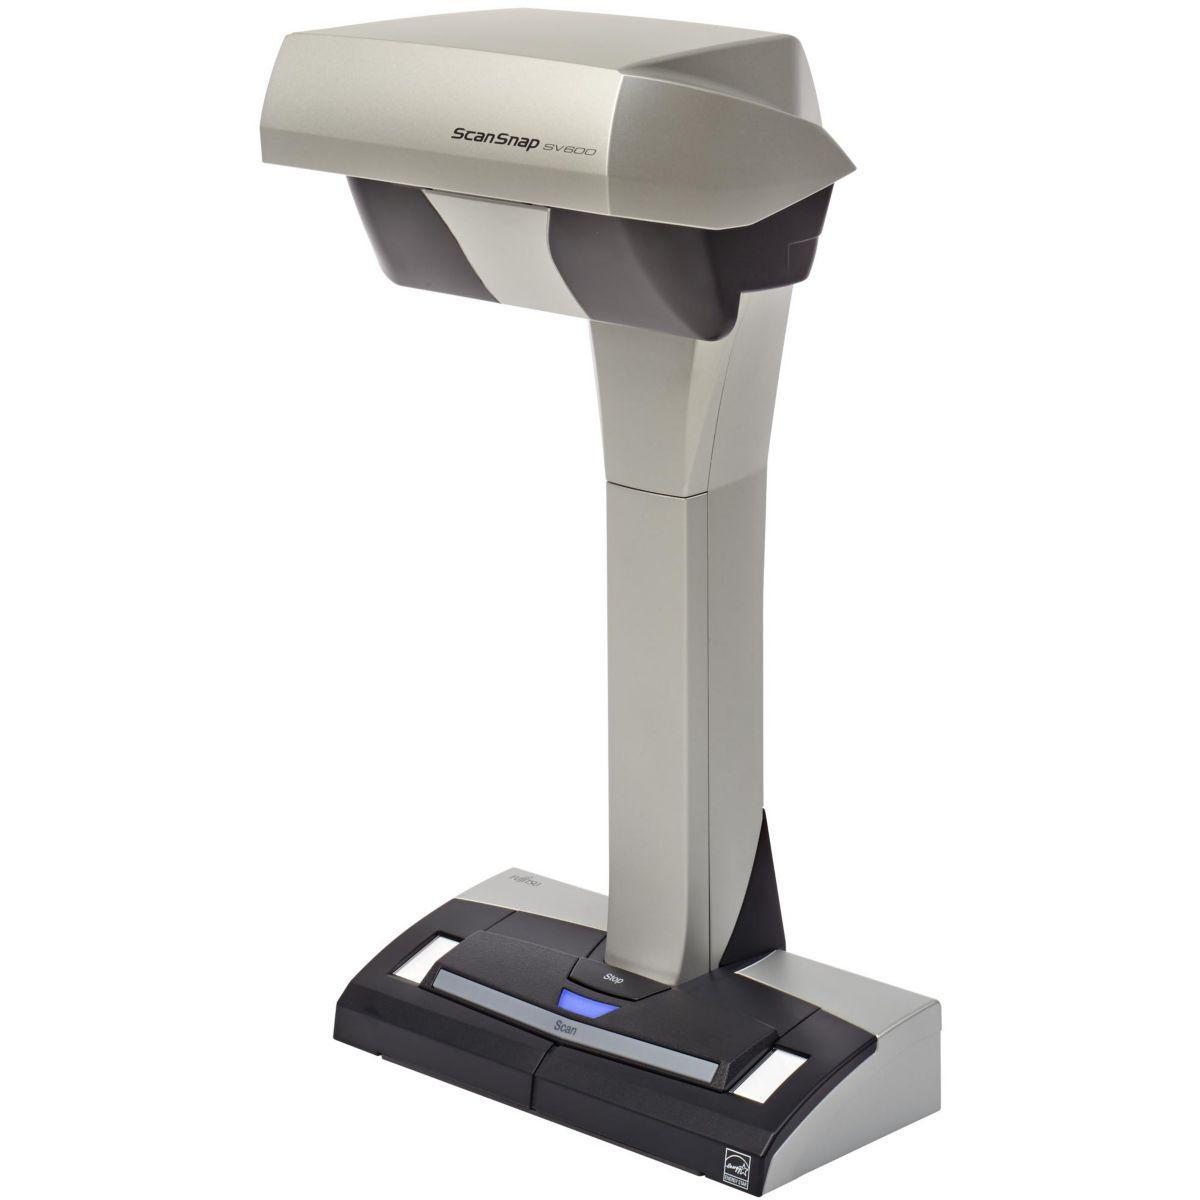 Scanner � plat fujitsu scansnap sv600